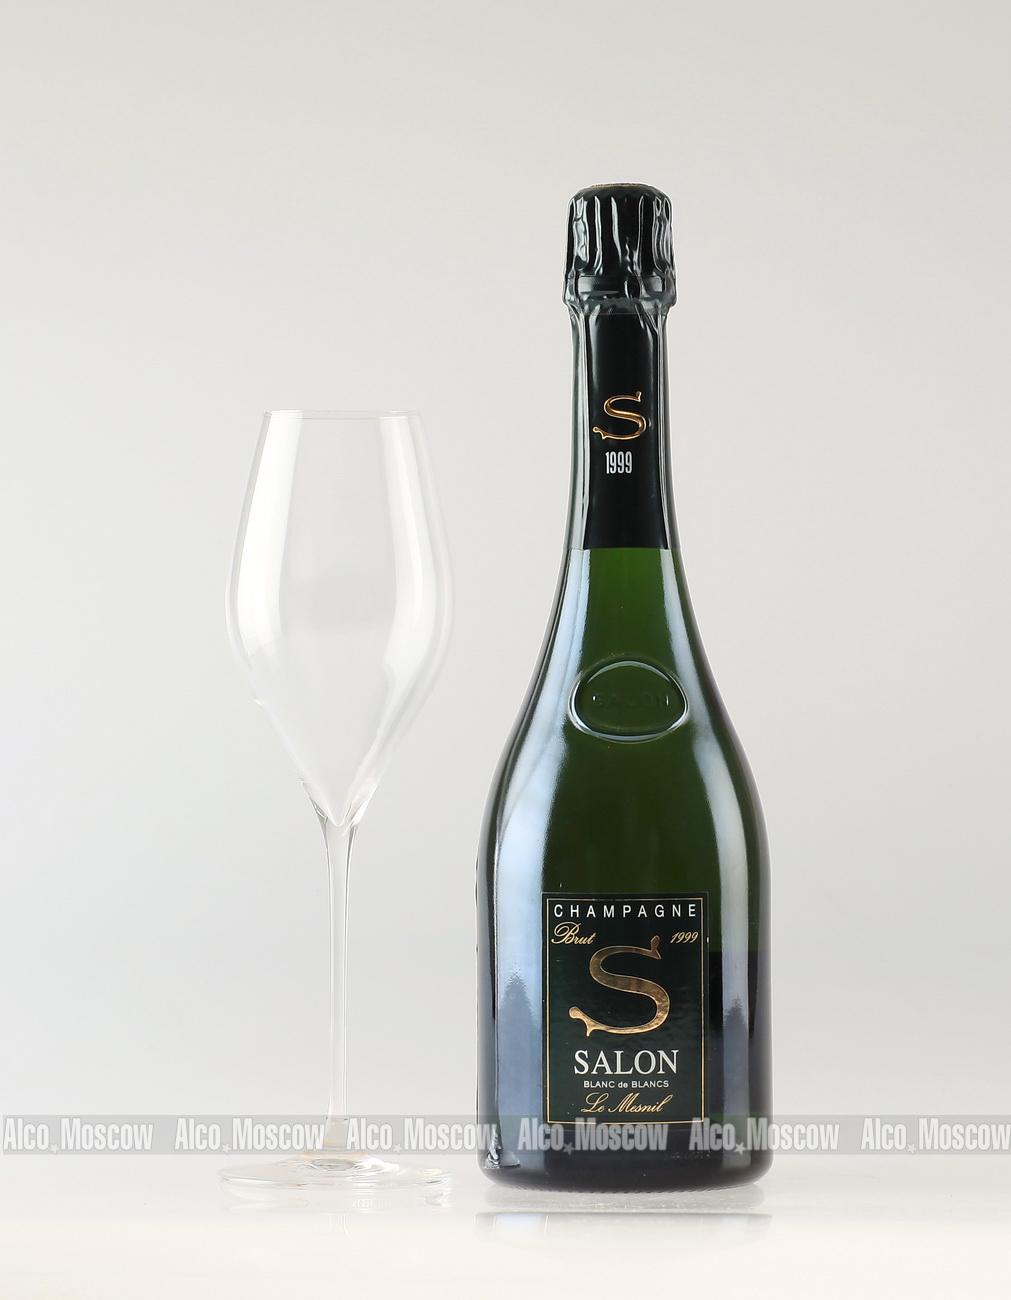 купить шампанское Salon Blanc de Blancs 1999 шампанское ...